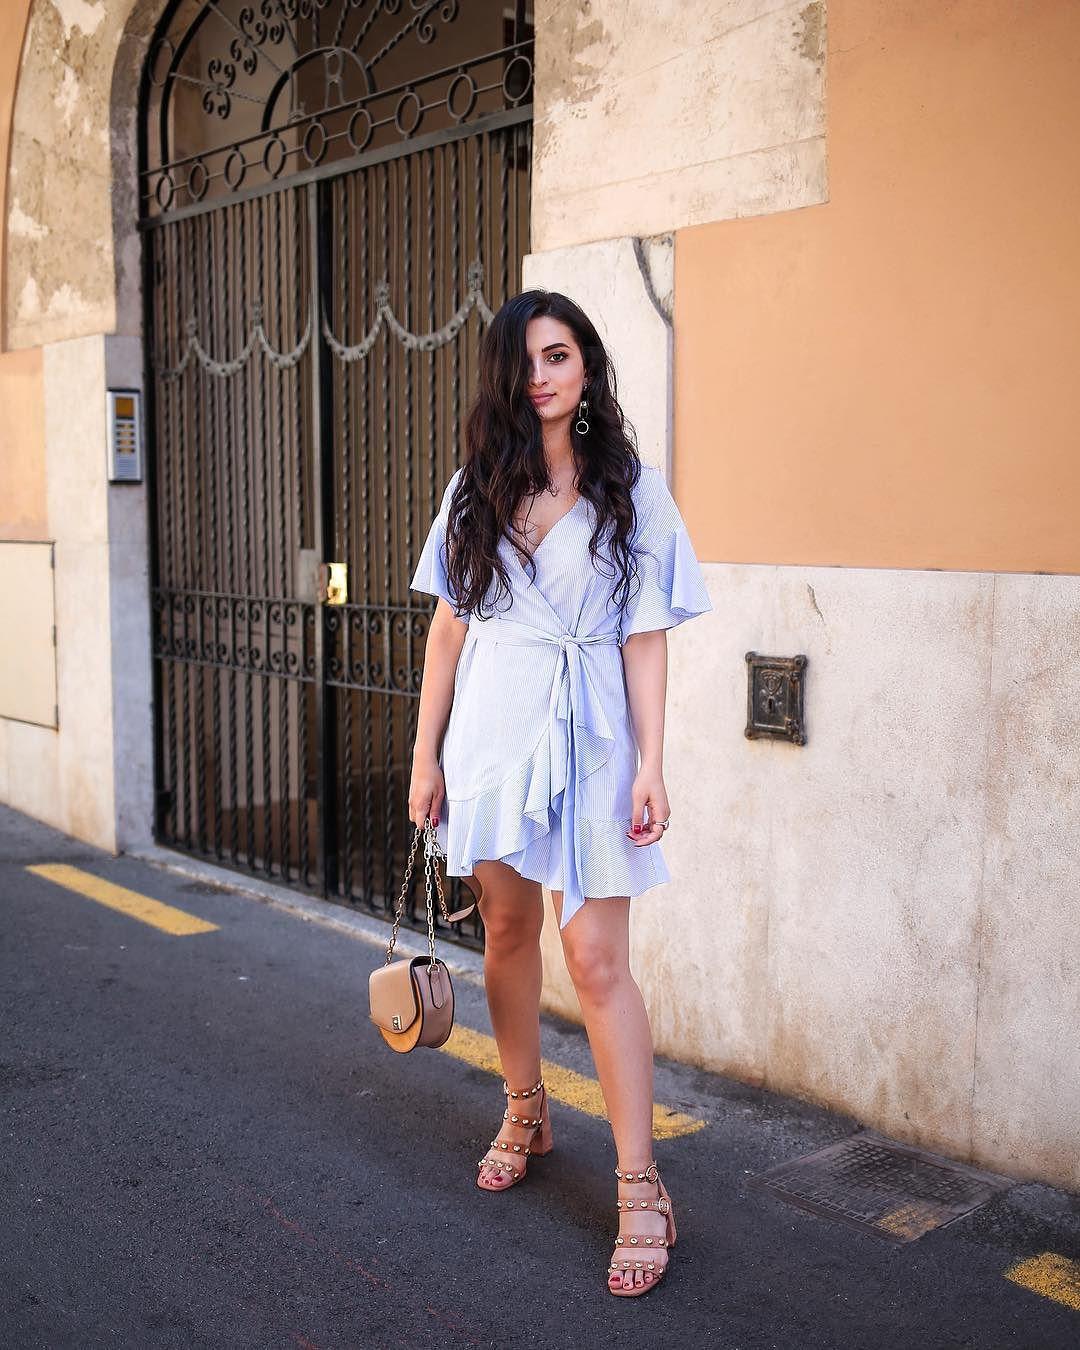 Что носить этим летом: подборка образов от самых стильных блогеров изоражения